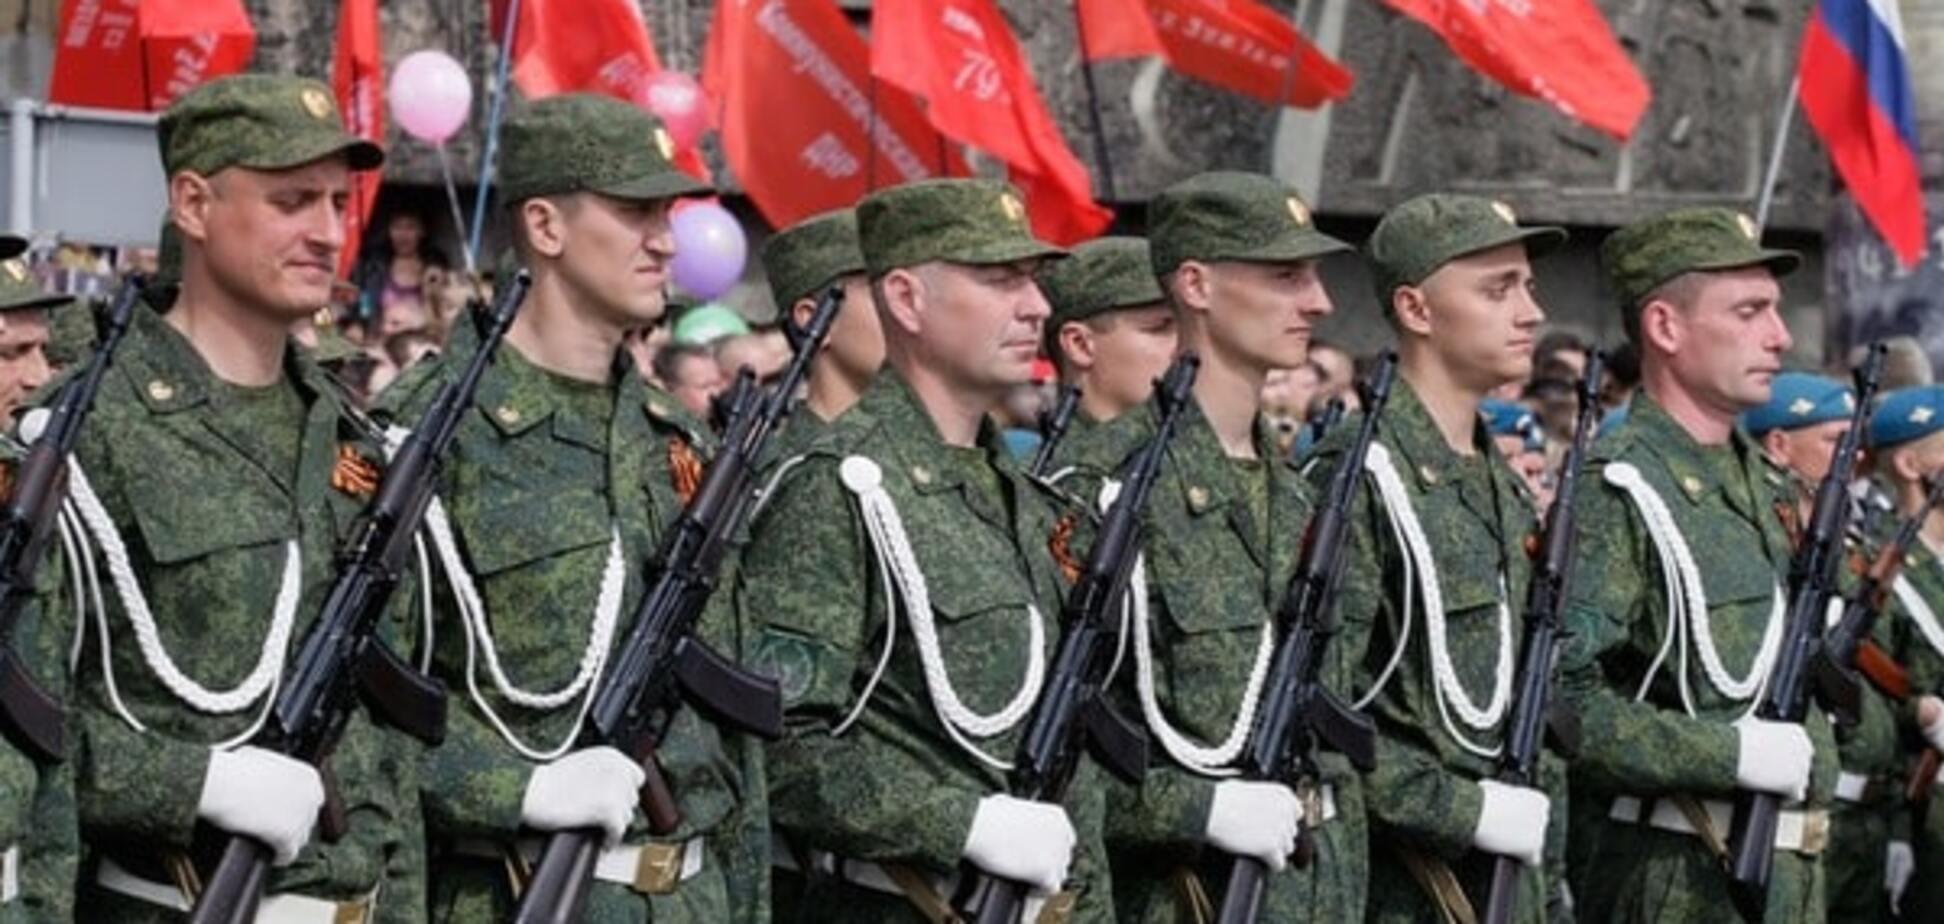 У моргах ажіотаж: розвідка дізналася про великі втрати Росії на Донбасі